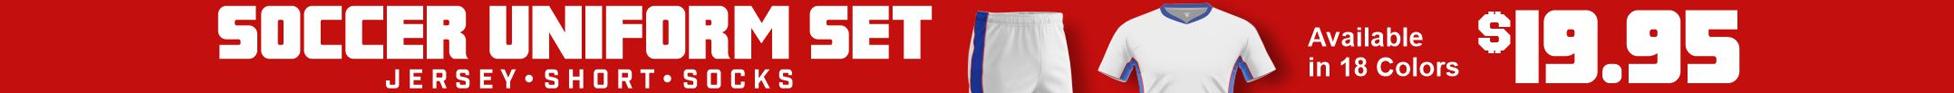 Soccer_banner